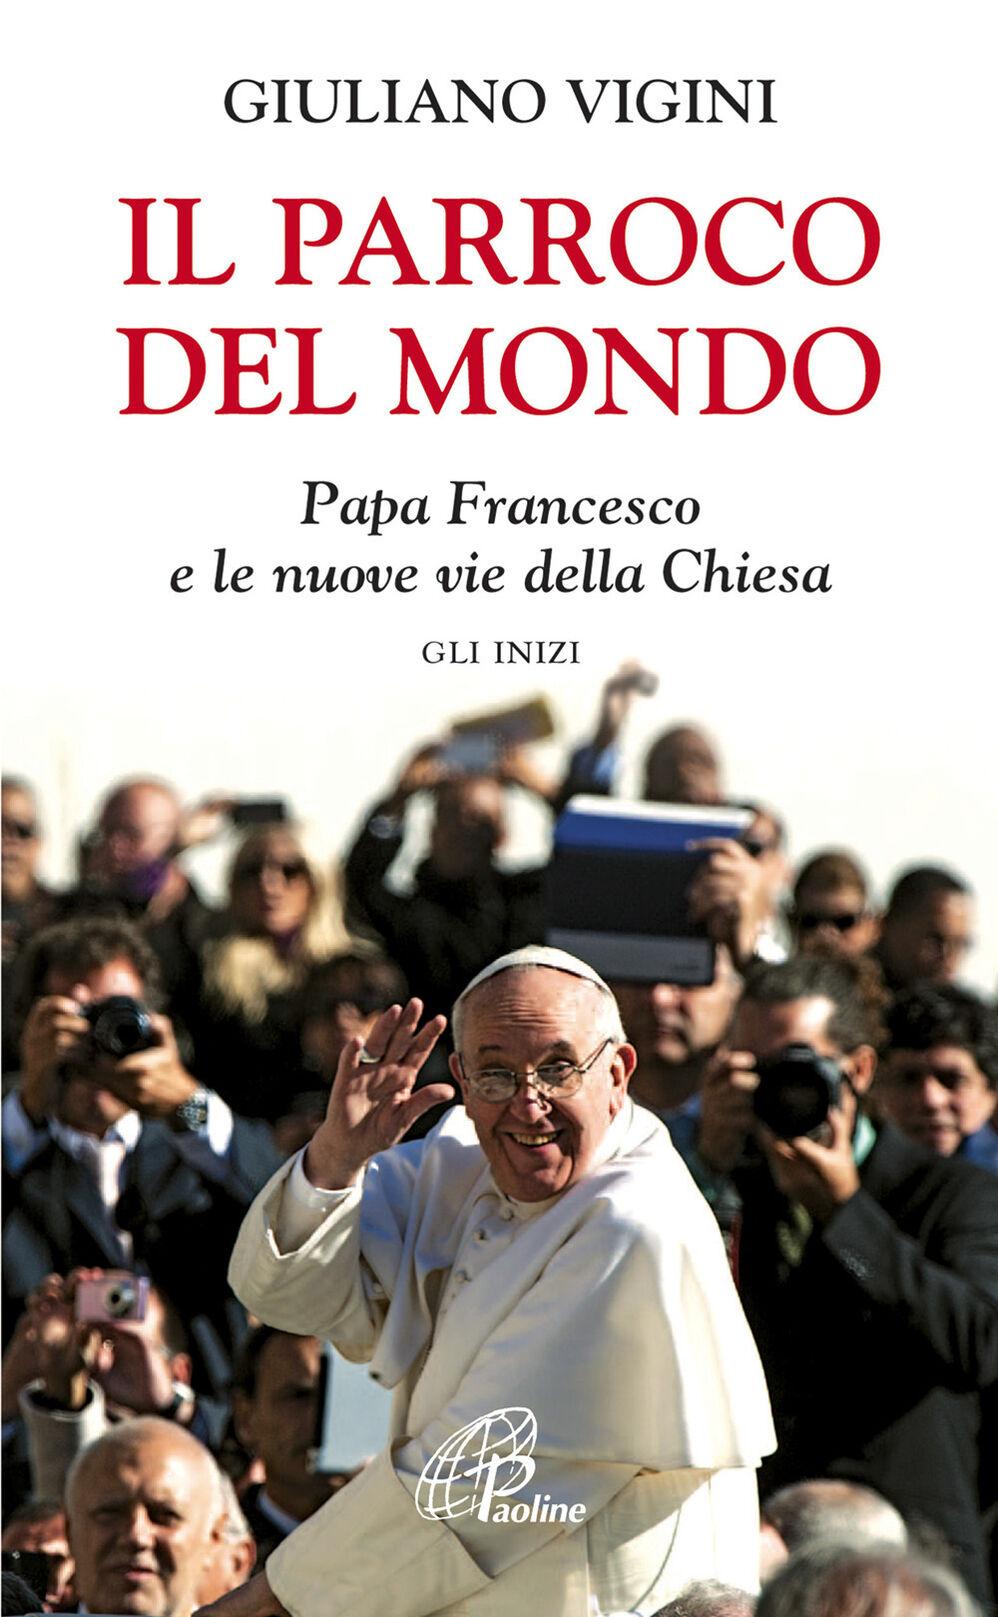 Il parroco del mondo. Papa Francesco e le nuove vie della Chiesa. Gli inizi